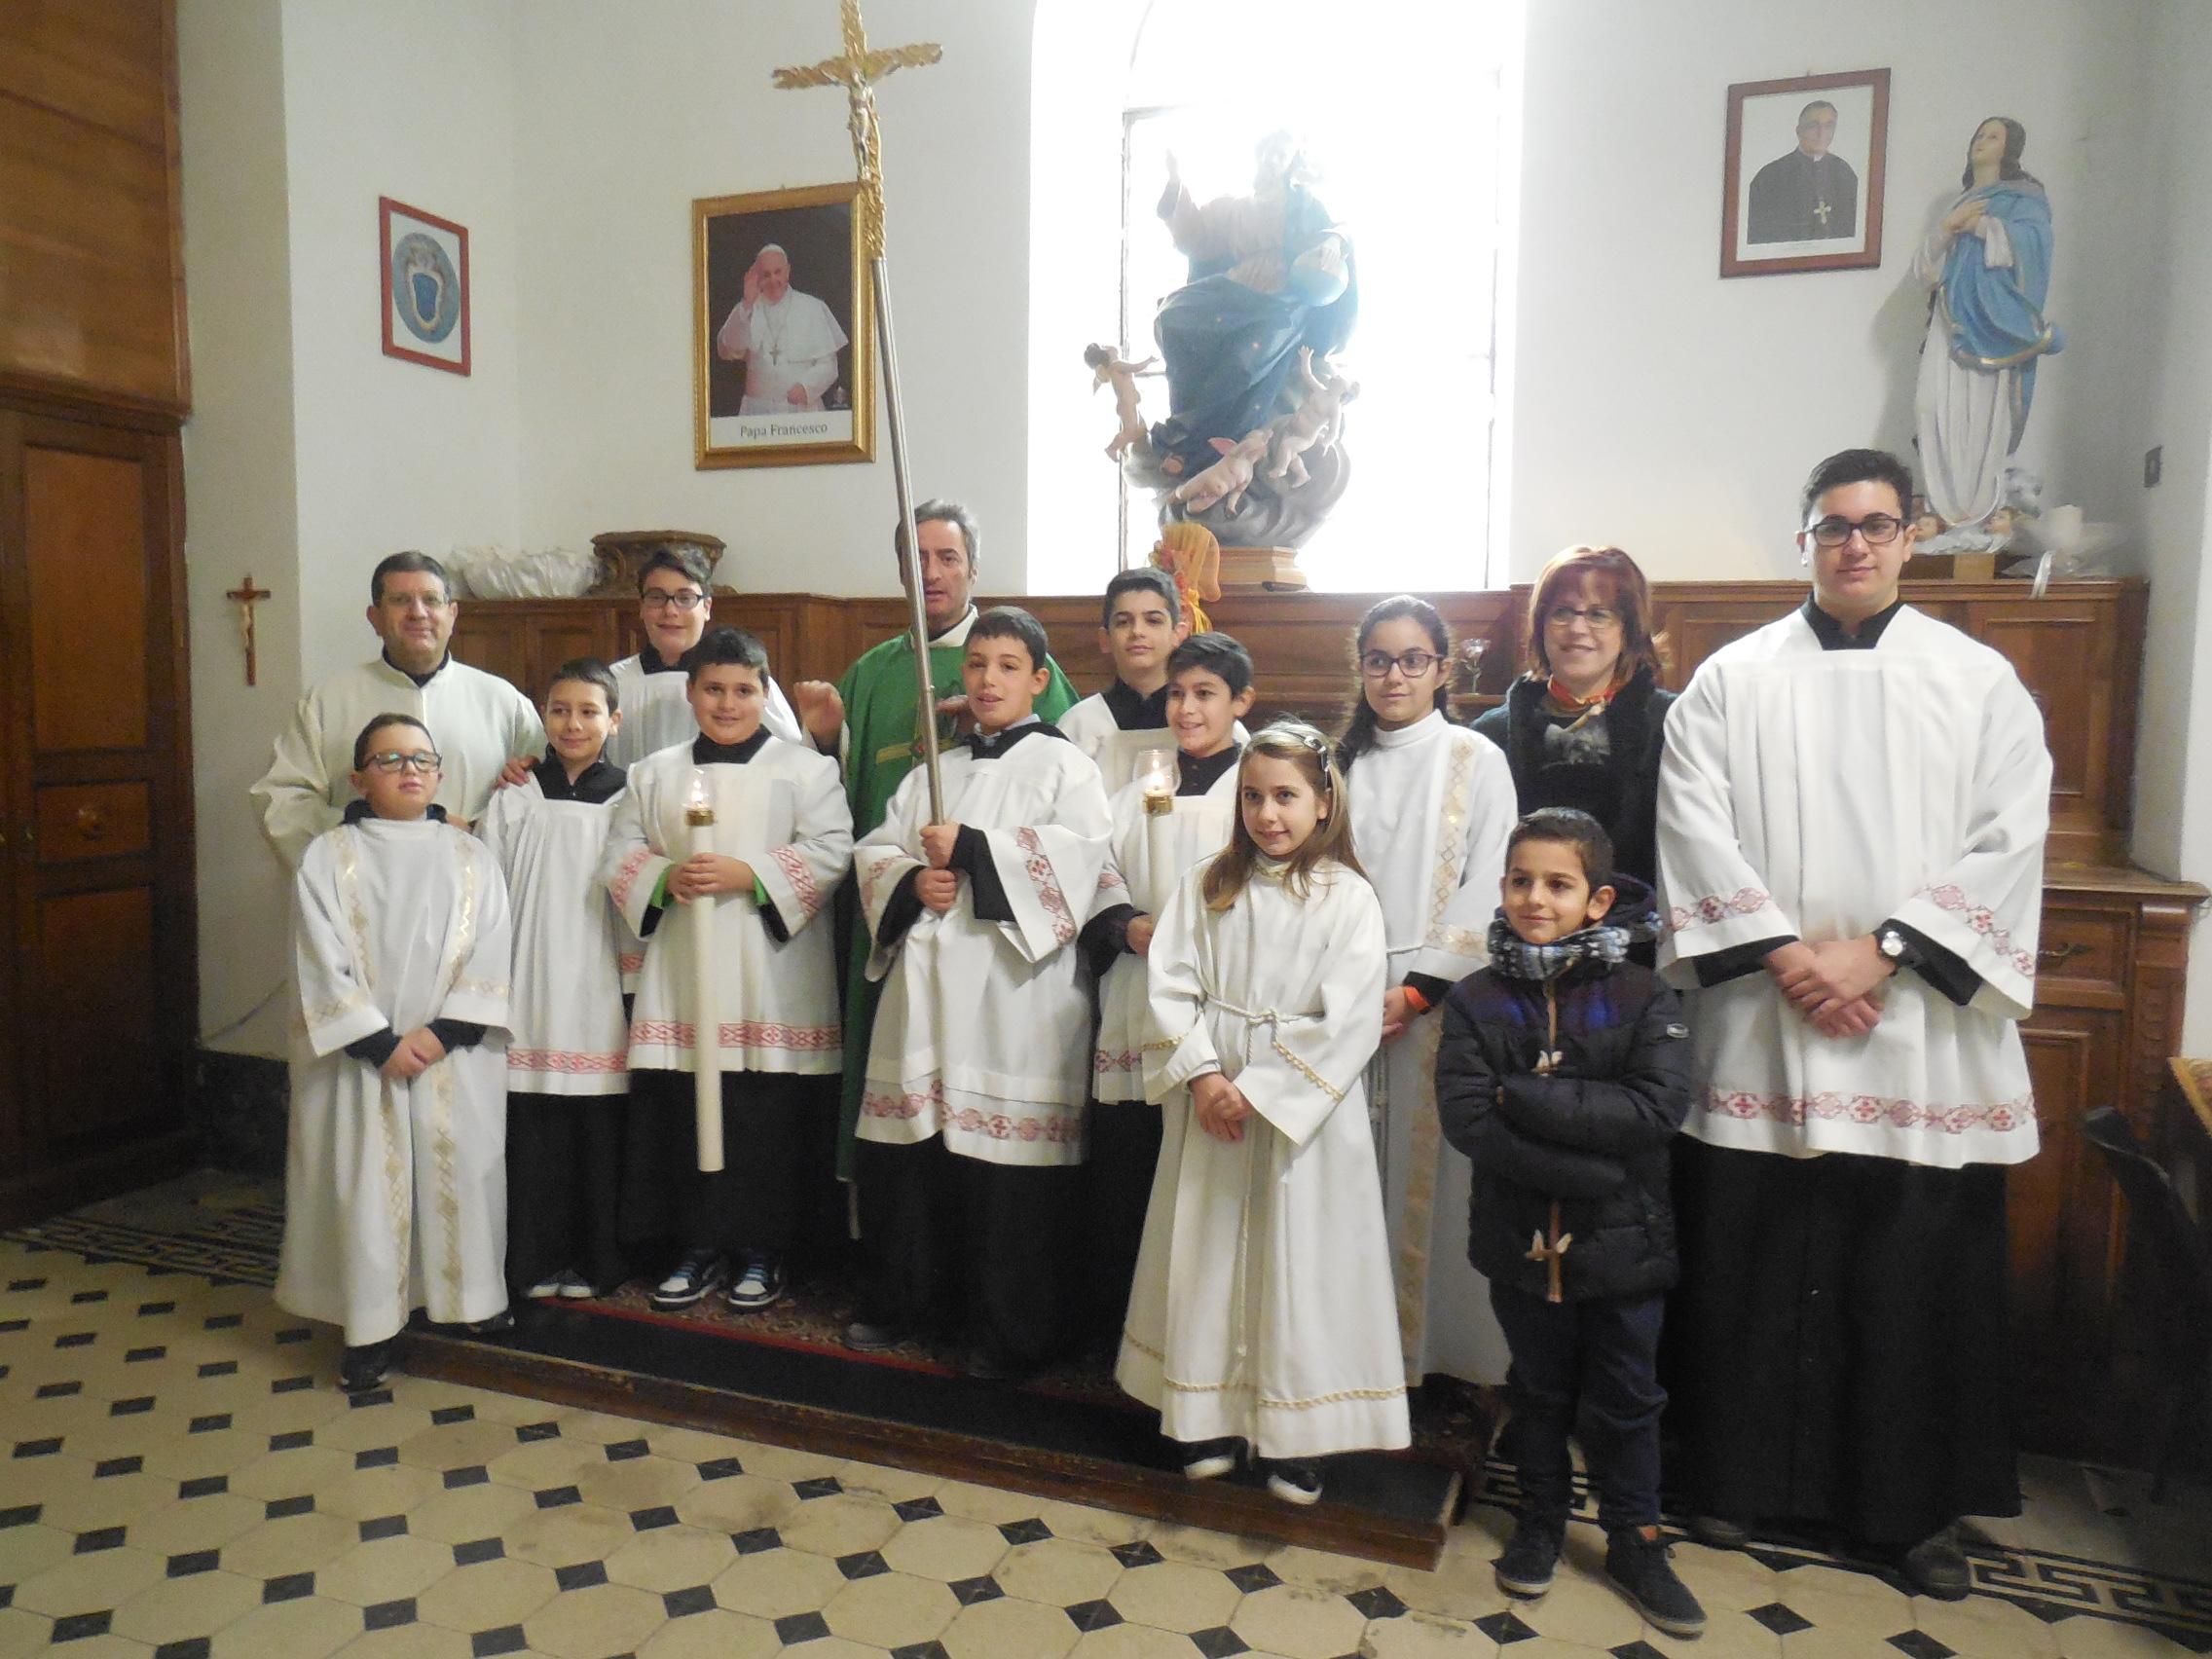 Pizzo 22/1/2017 – Santuario s. Francesco di Paola – Messa Ministranti – Foto di Natalia